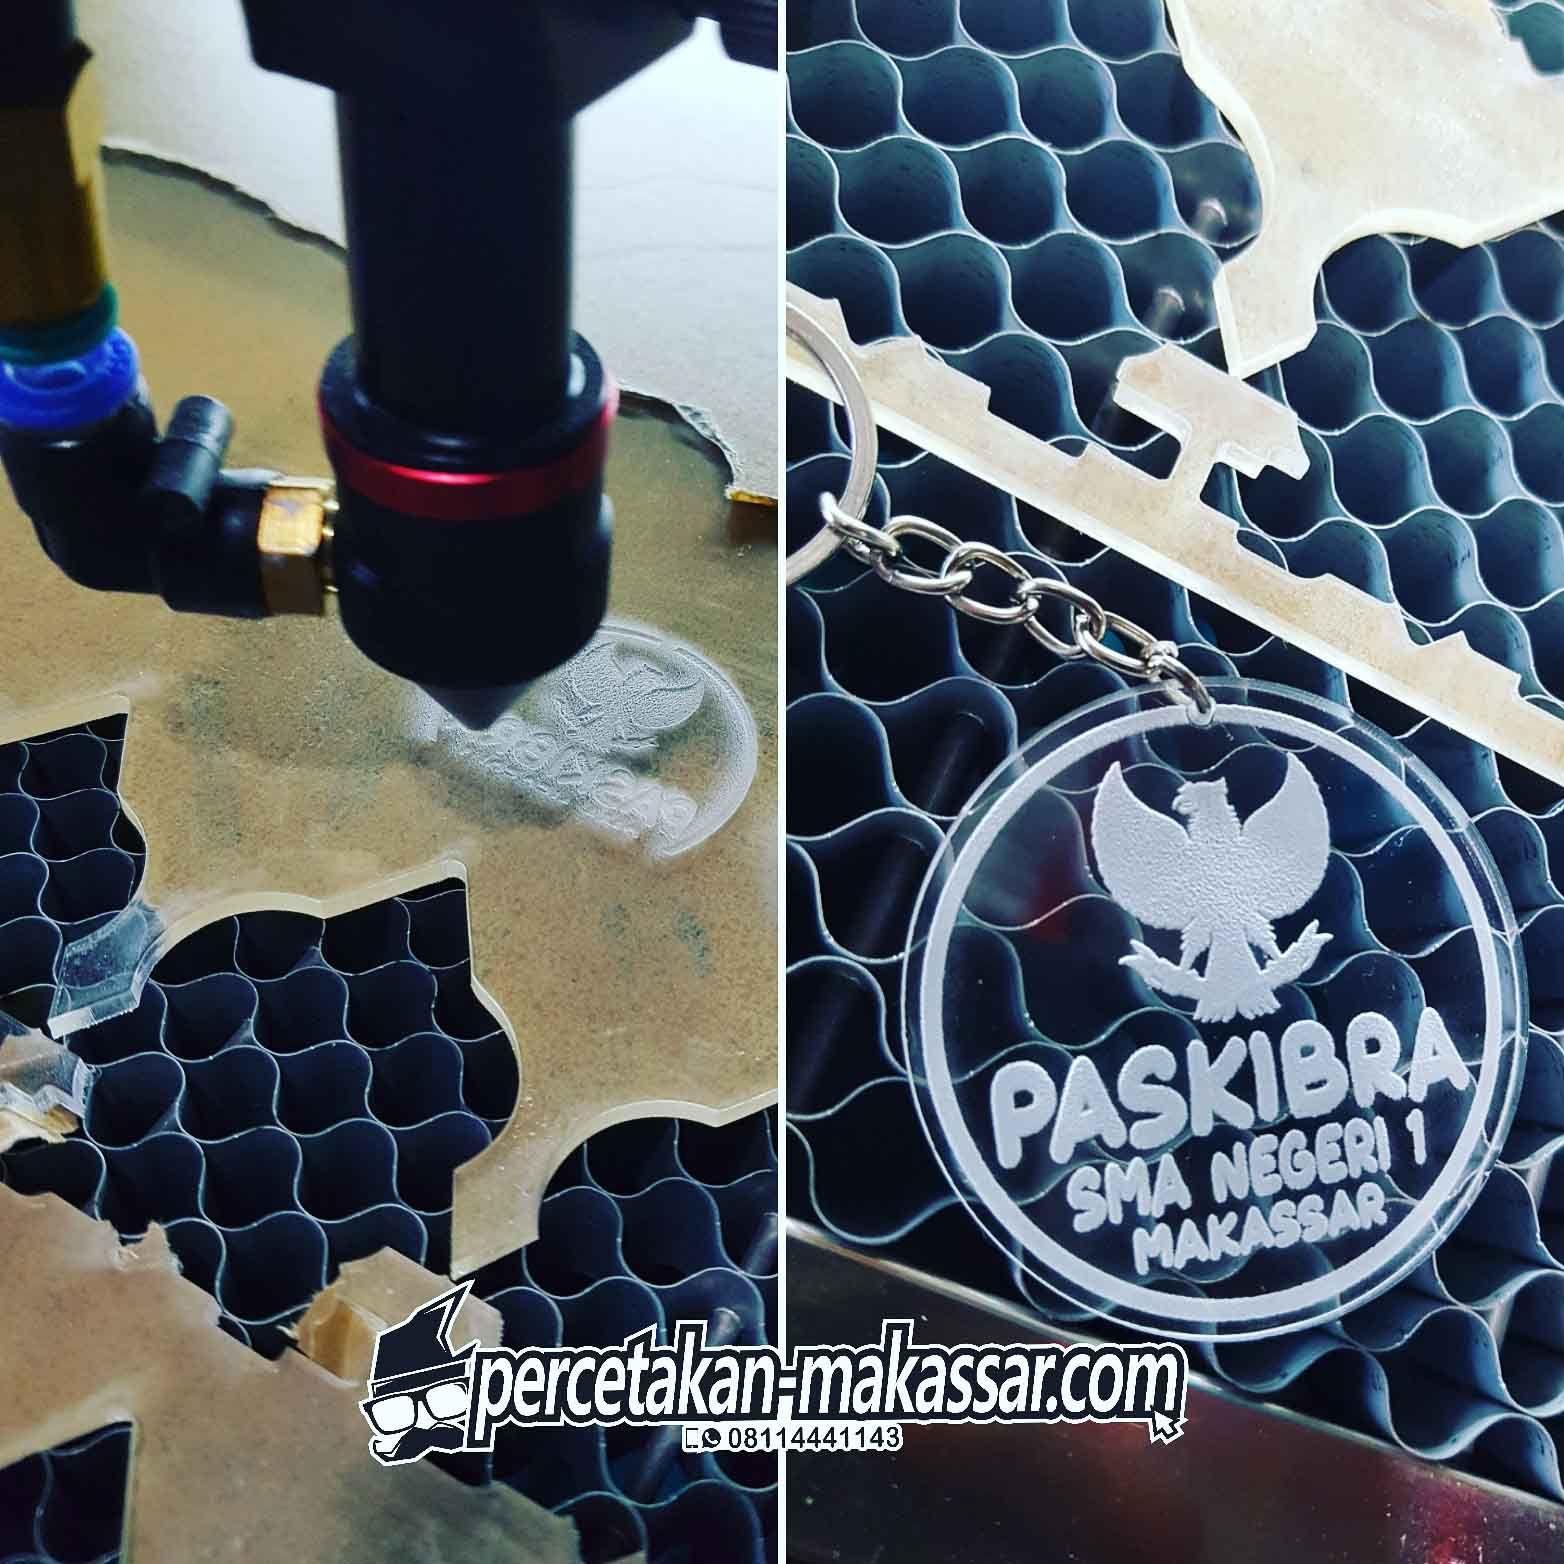 Gantungan kunci murah di Makassar